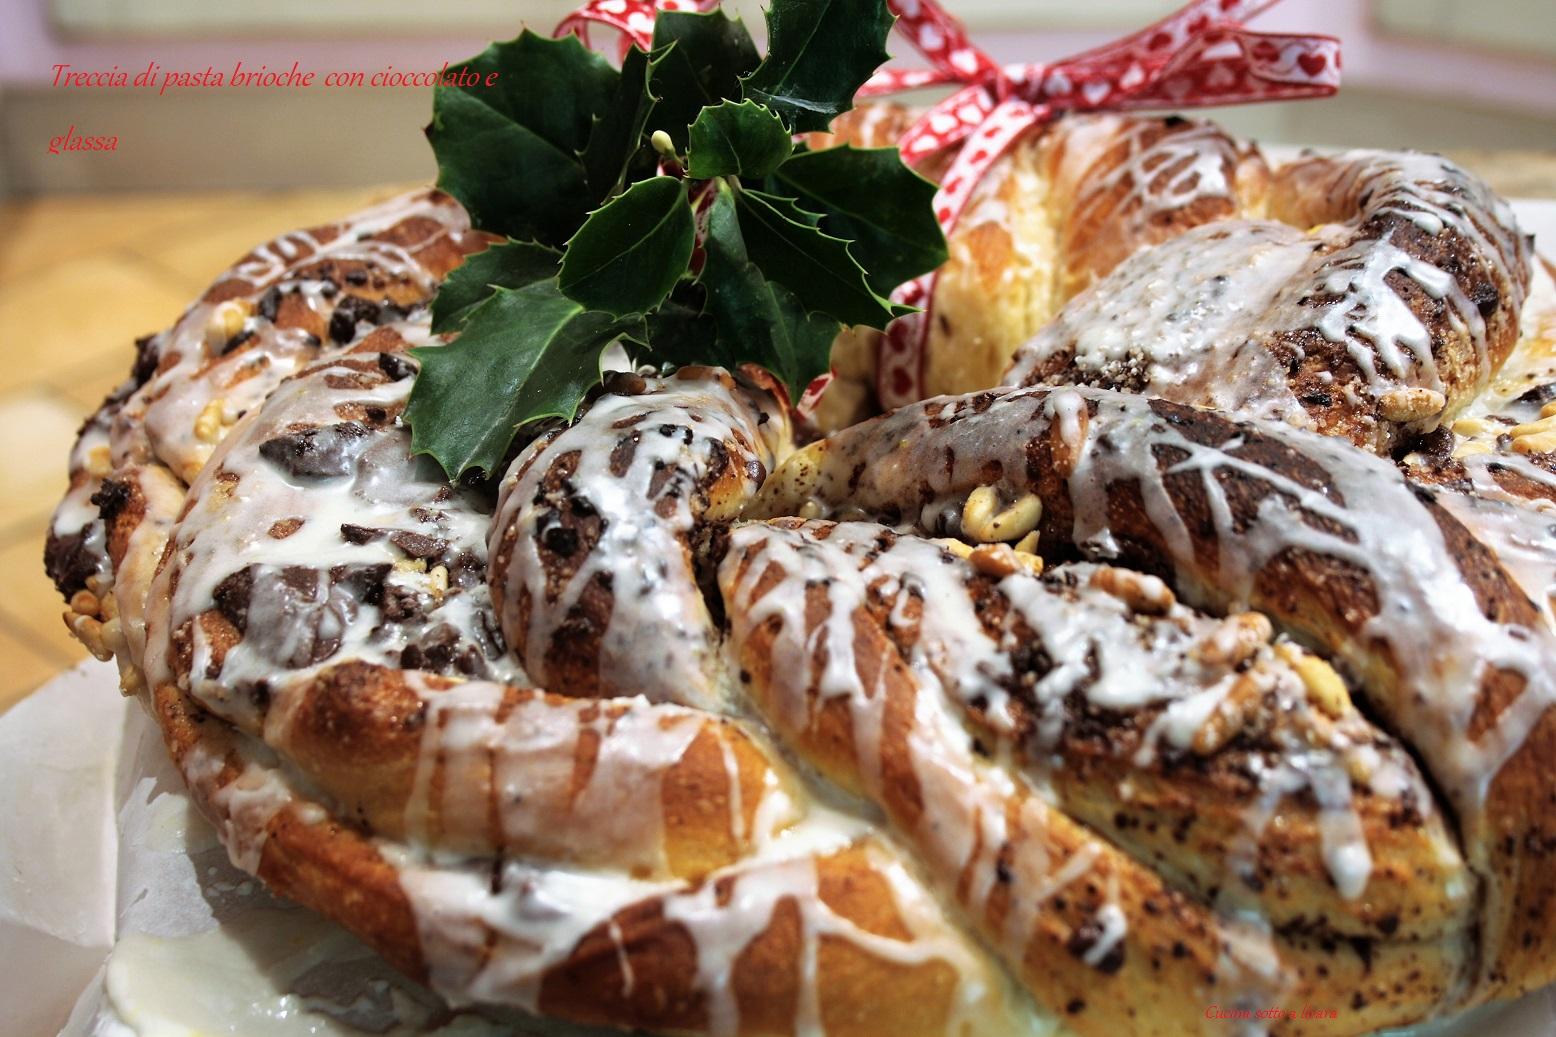 Treccia di pan brioche con cioccolato e glassa cucina sotto a livara